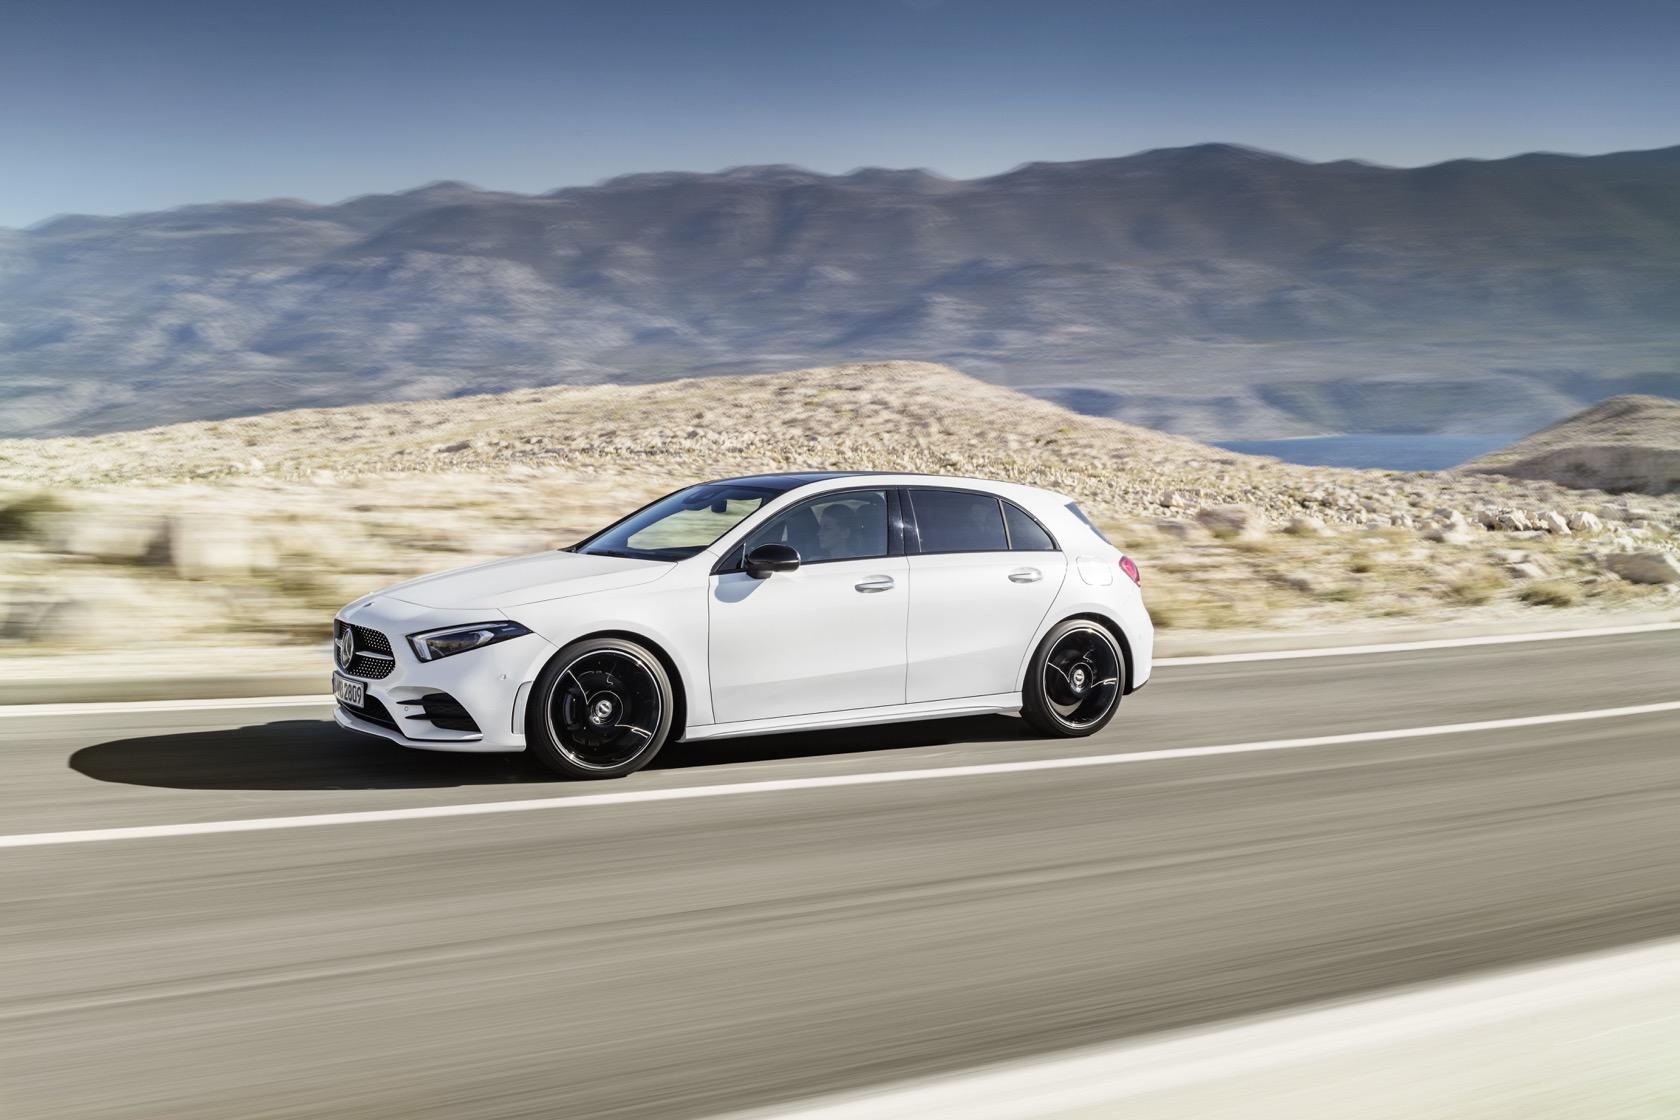 2019 Mercedes-Benz A-Class Gallery - SlashGear